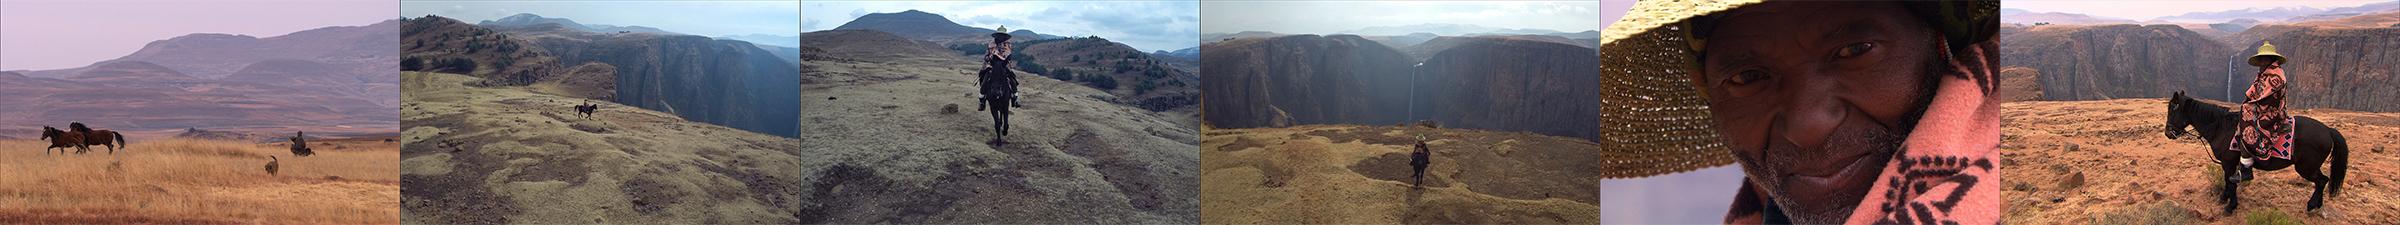 Lesotho_.JPG